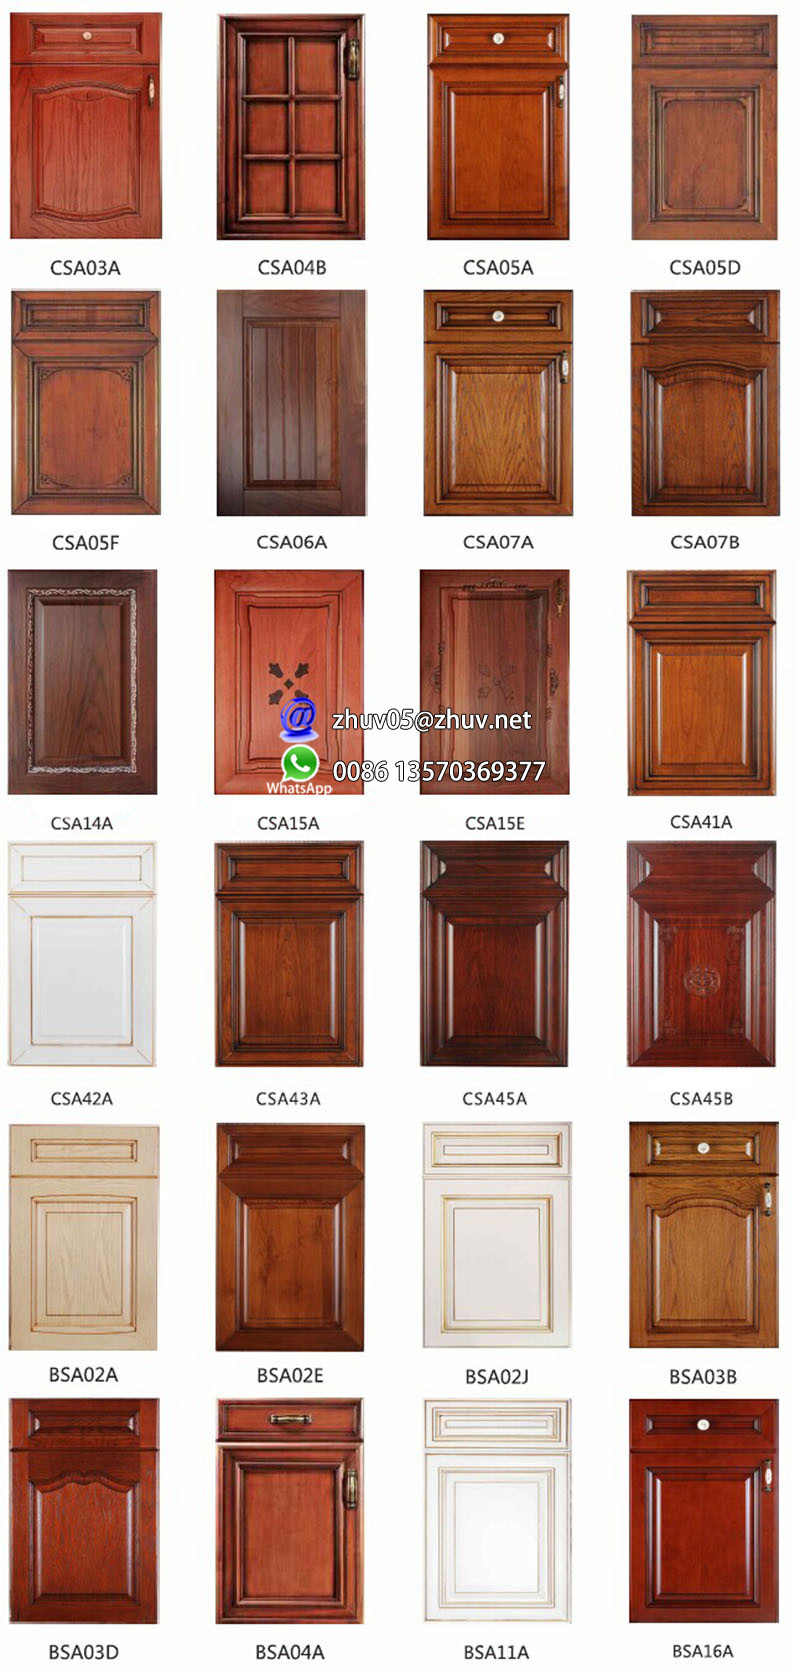 zhihua esche massivholz küchenfronten-Wandschrank-Produkt ID ...